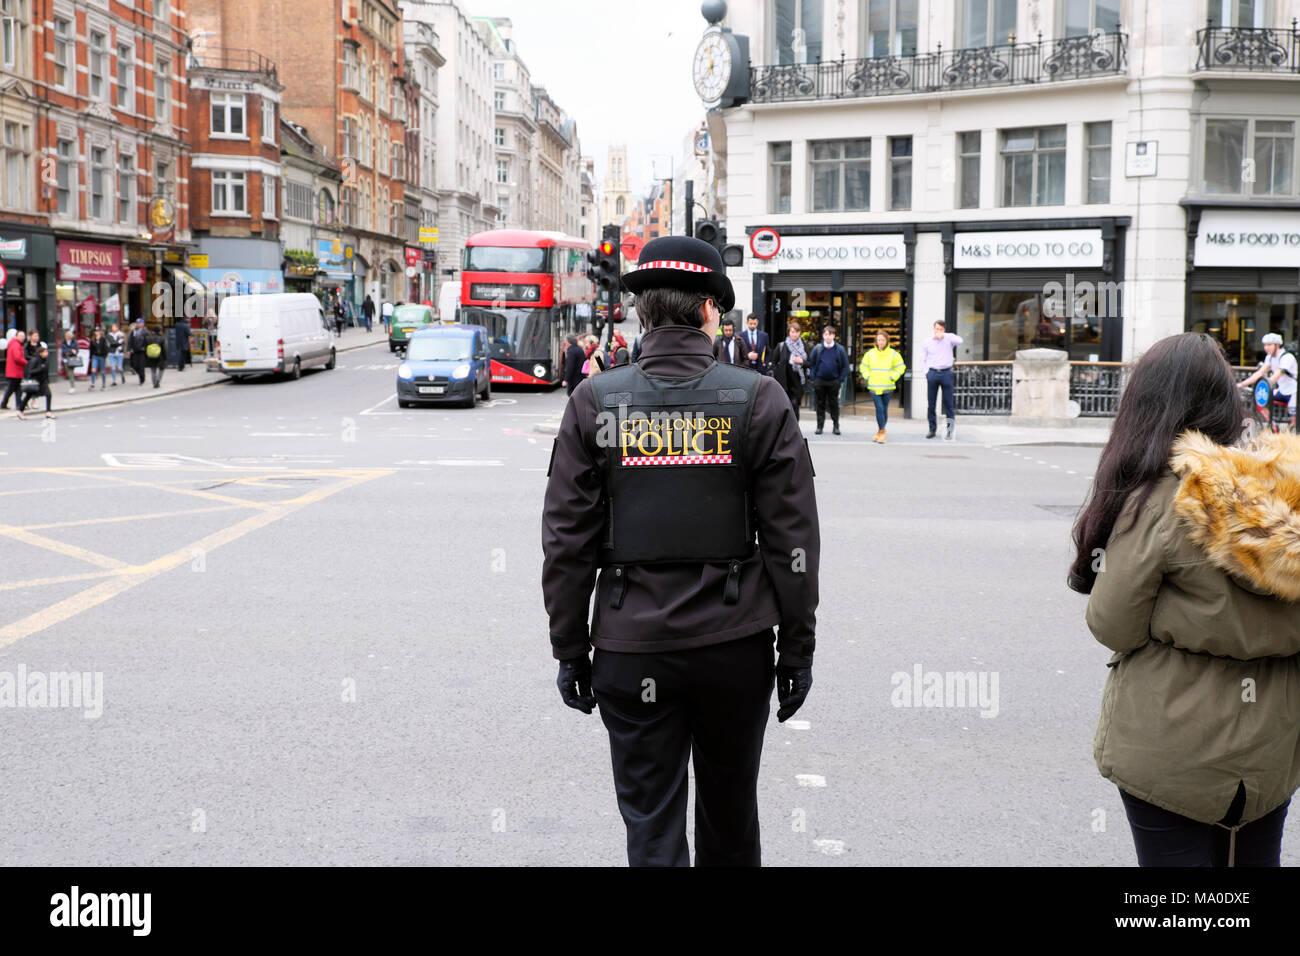 Vista posterior de la mujer policía femenina de la ciudad de Londres en uniforme de policía en la calle en el centro de Londres, Inglaterra Gran Bretaña KATHY DEWITT Imagen De Stock